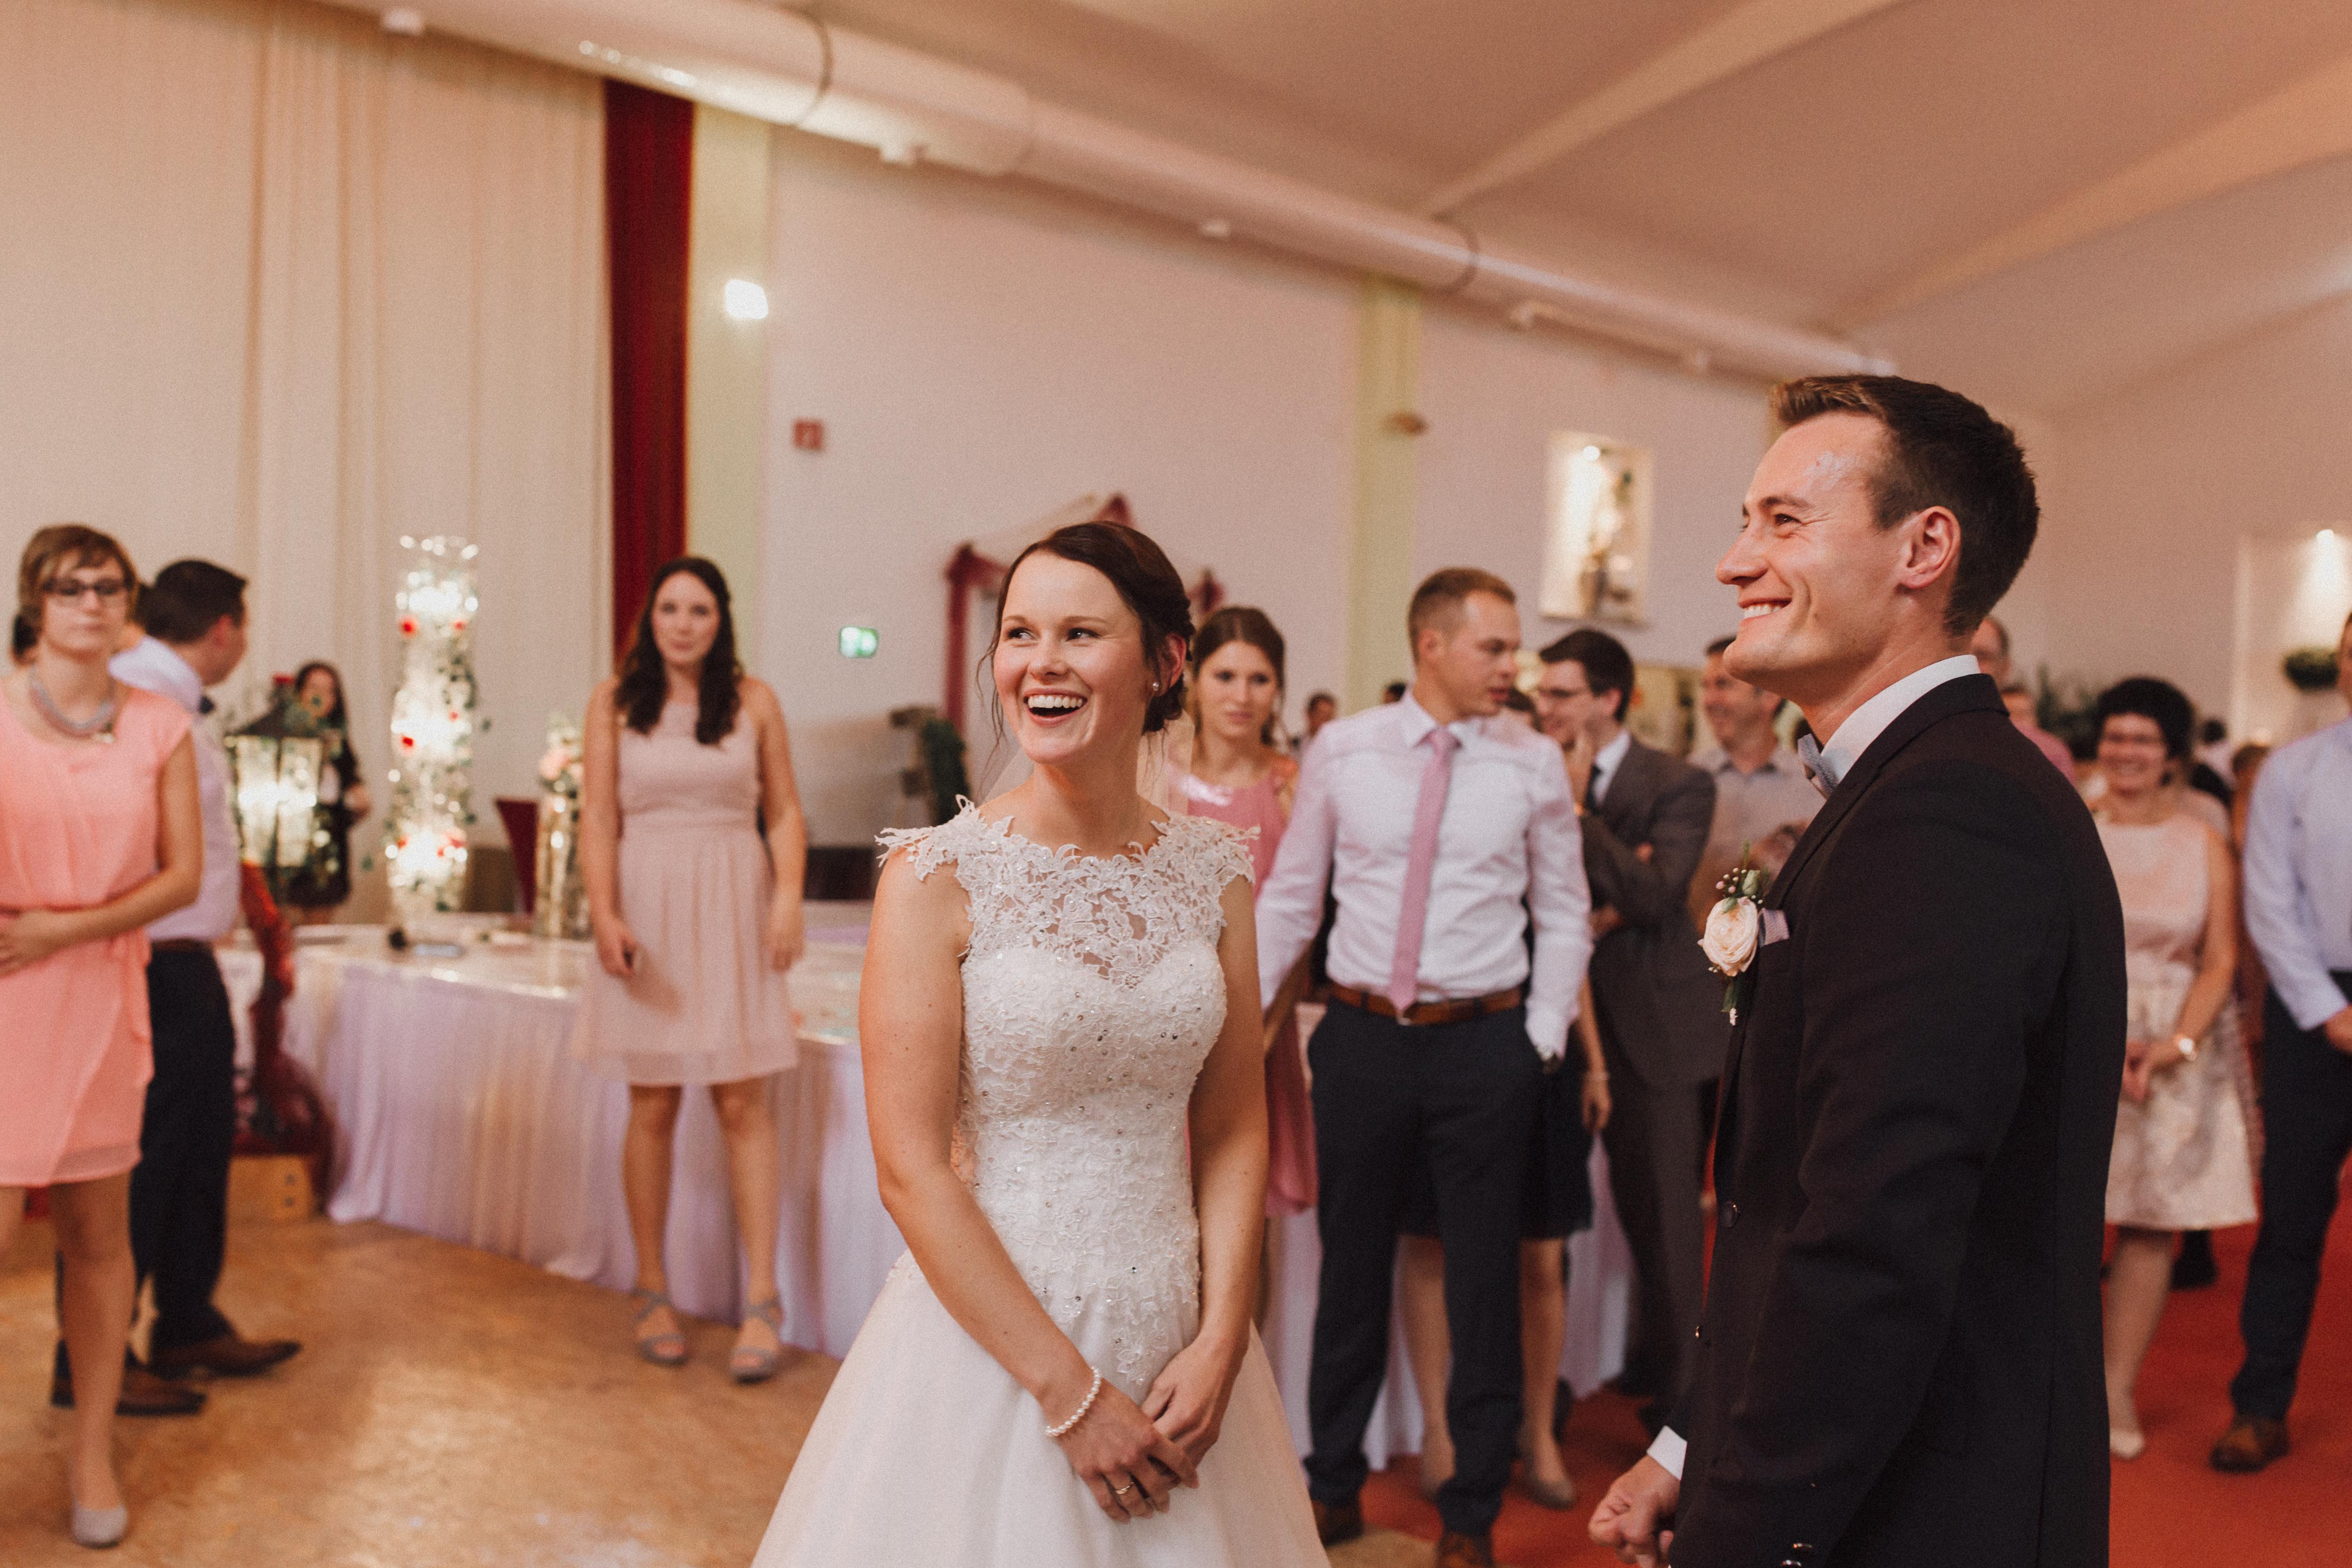 URBANERIE_Daniela_Goth_Hochzeitsfotografin_Nürnberg_Fürth_Erlangen_Schwabach_170909_0100